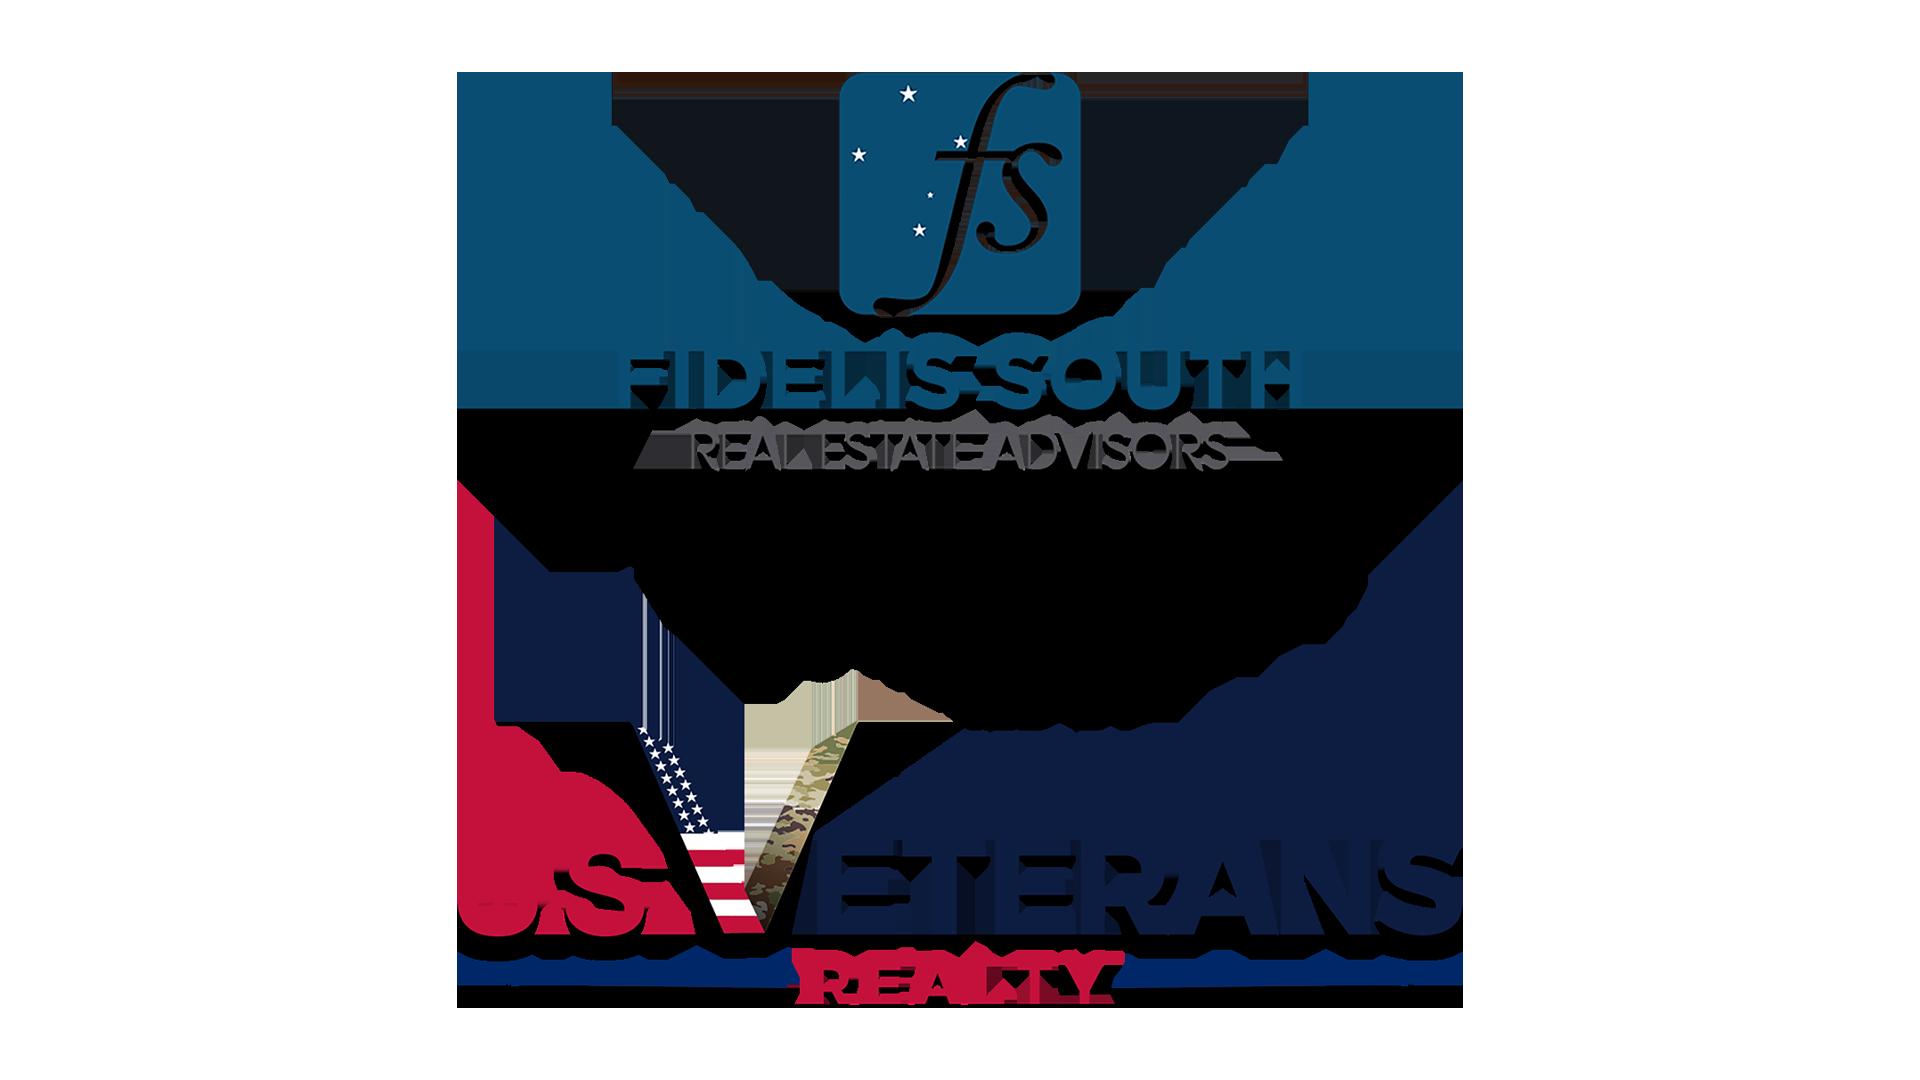 Fidelis South | U.S. Veterans Realty